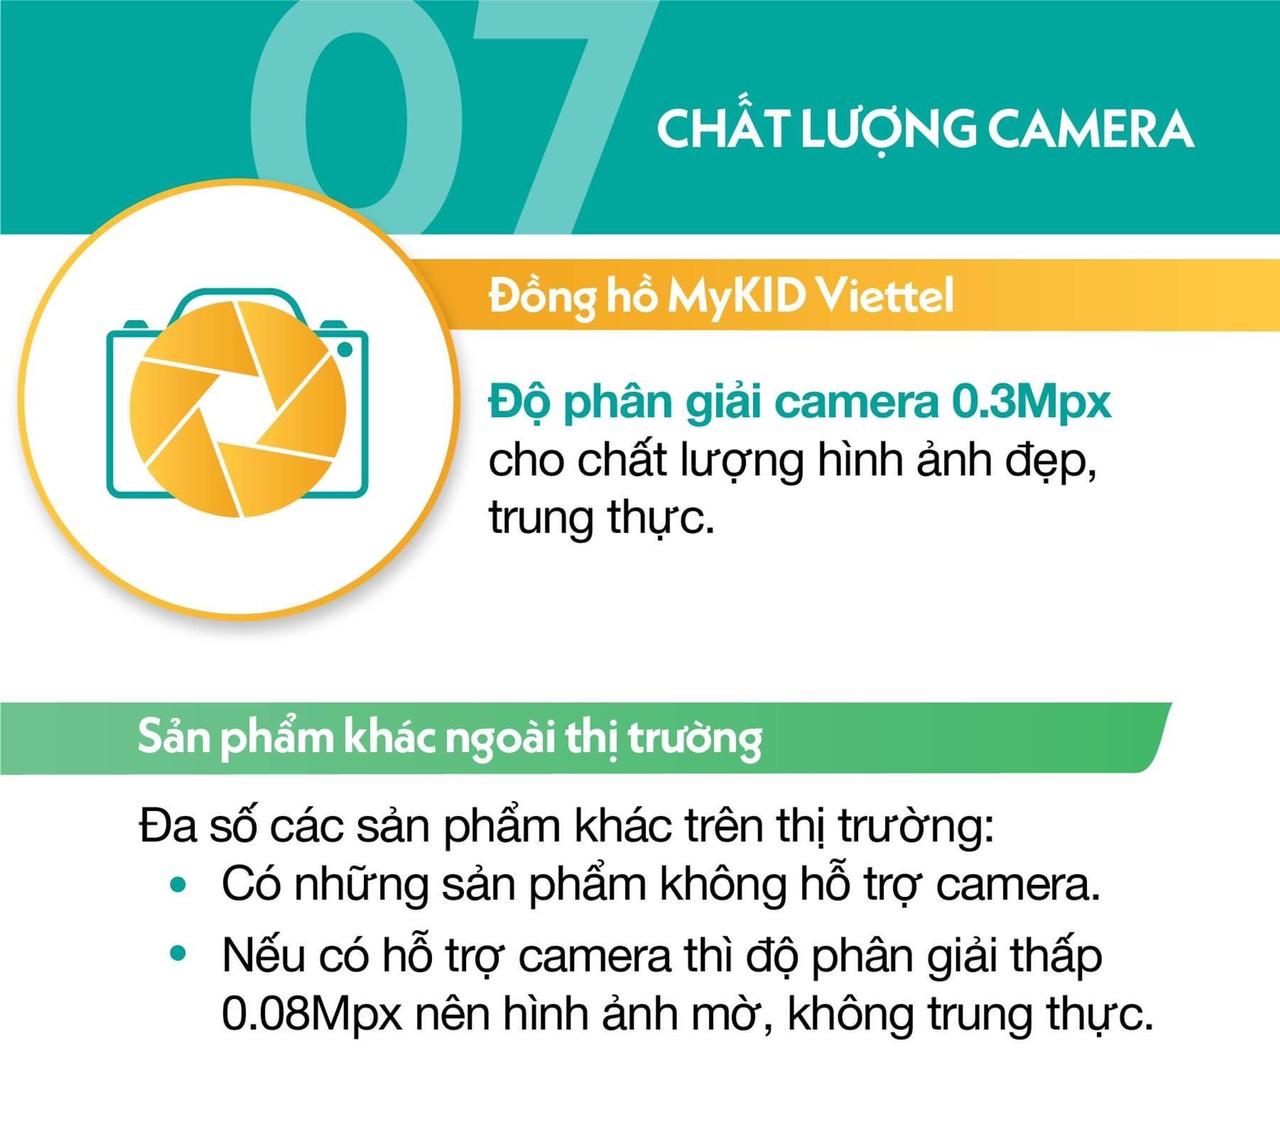 7. Chất lượng camera của MyKid 0.3 Mpx.